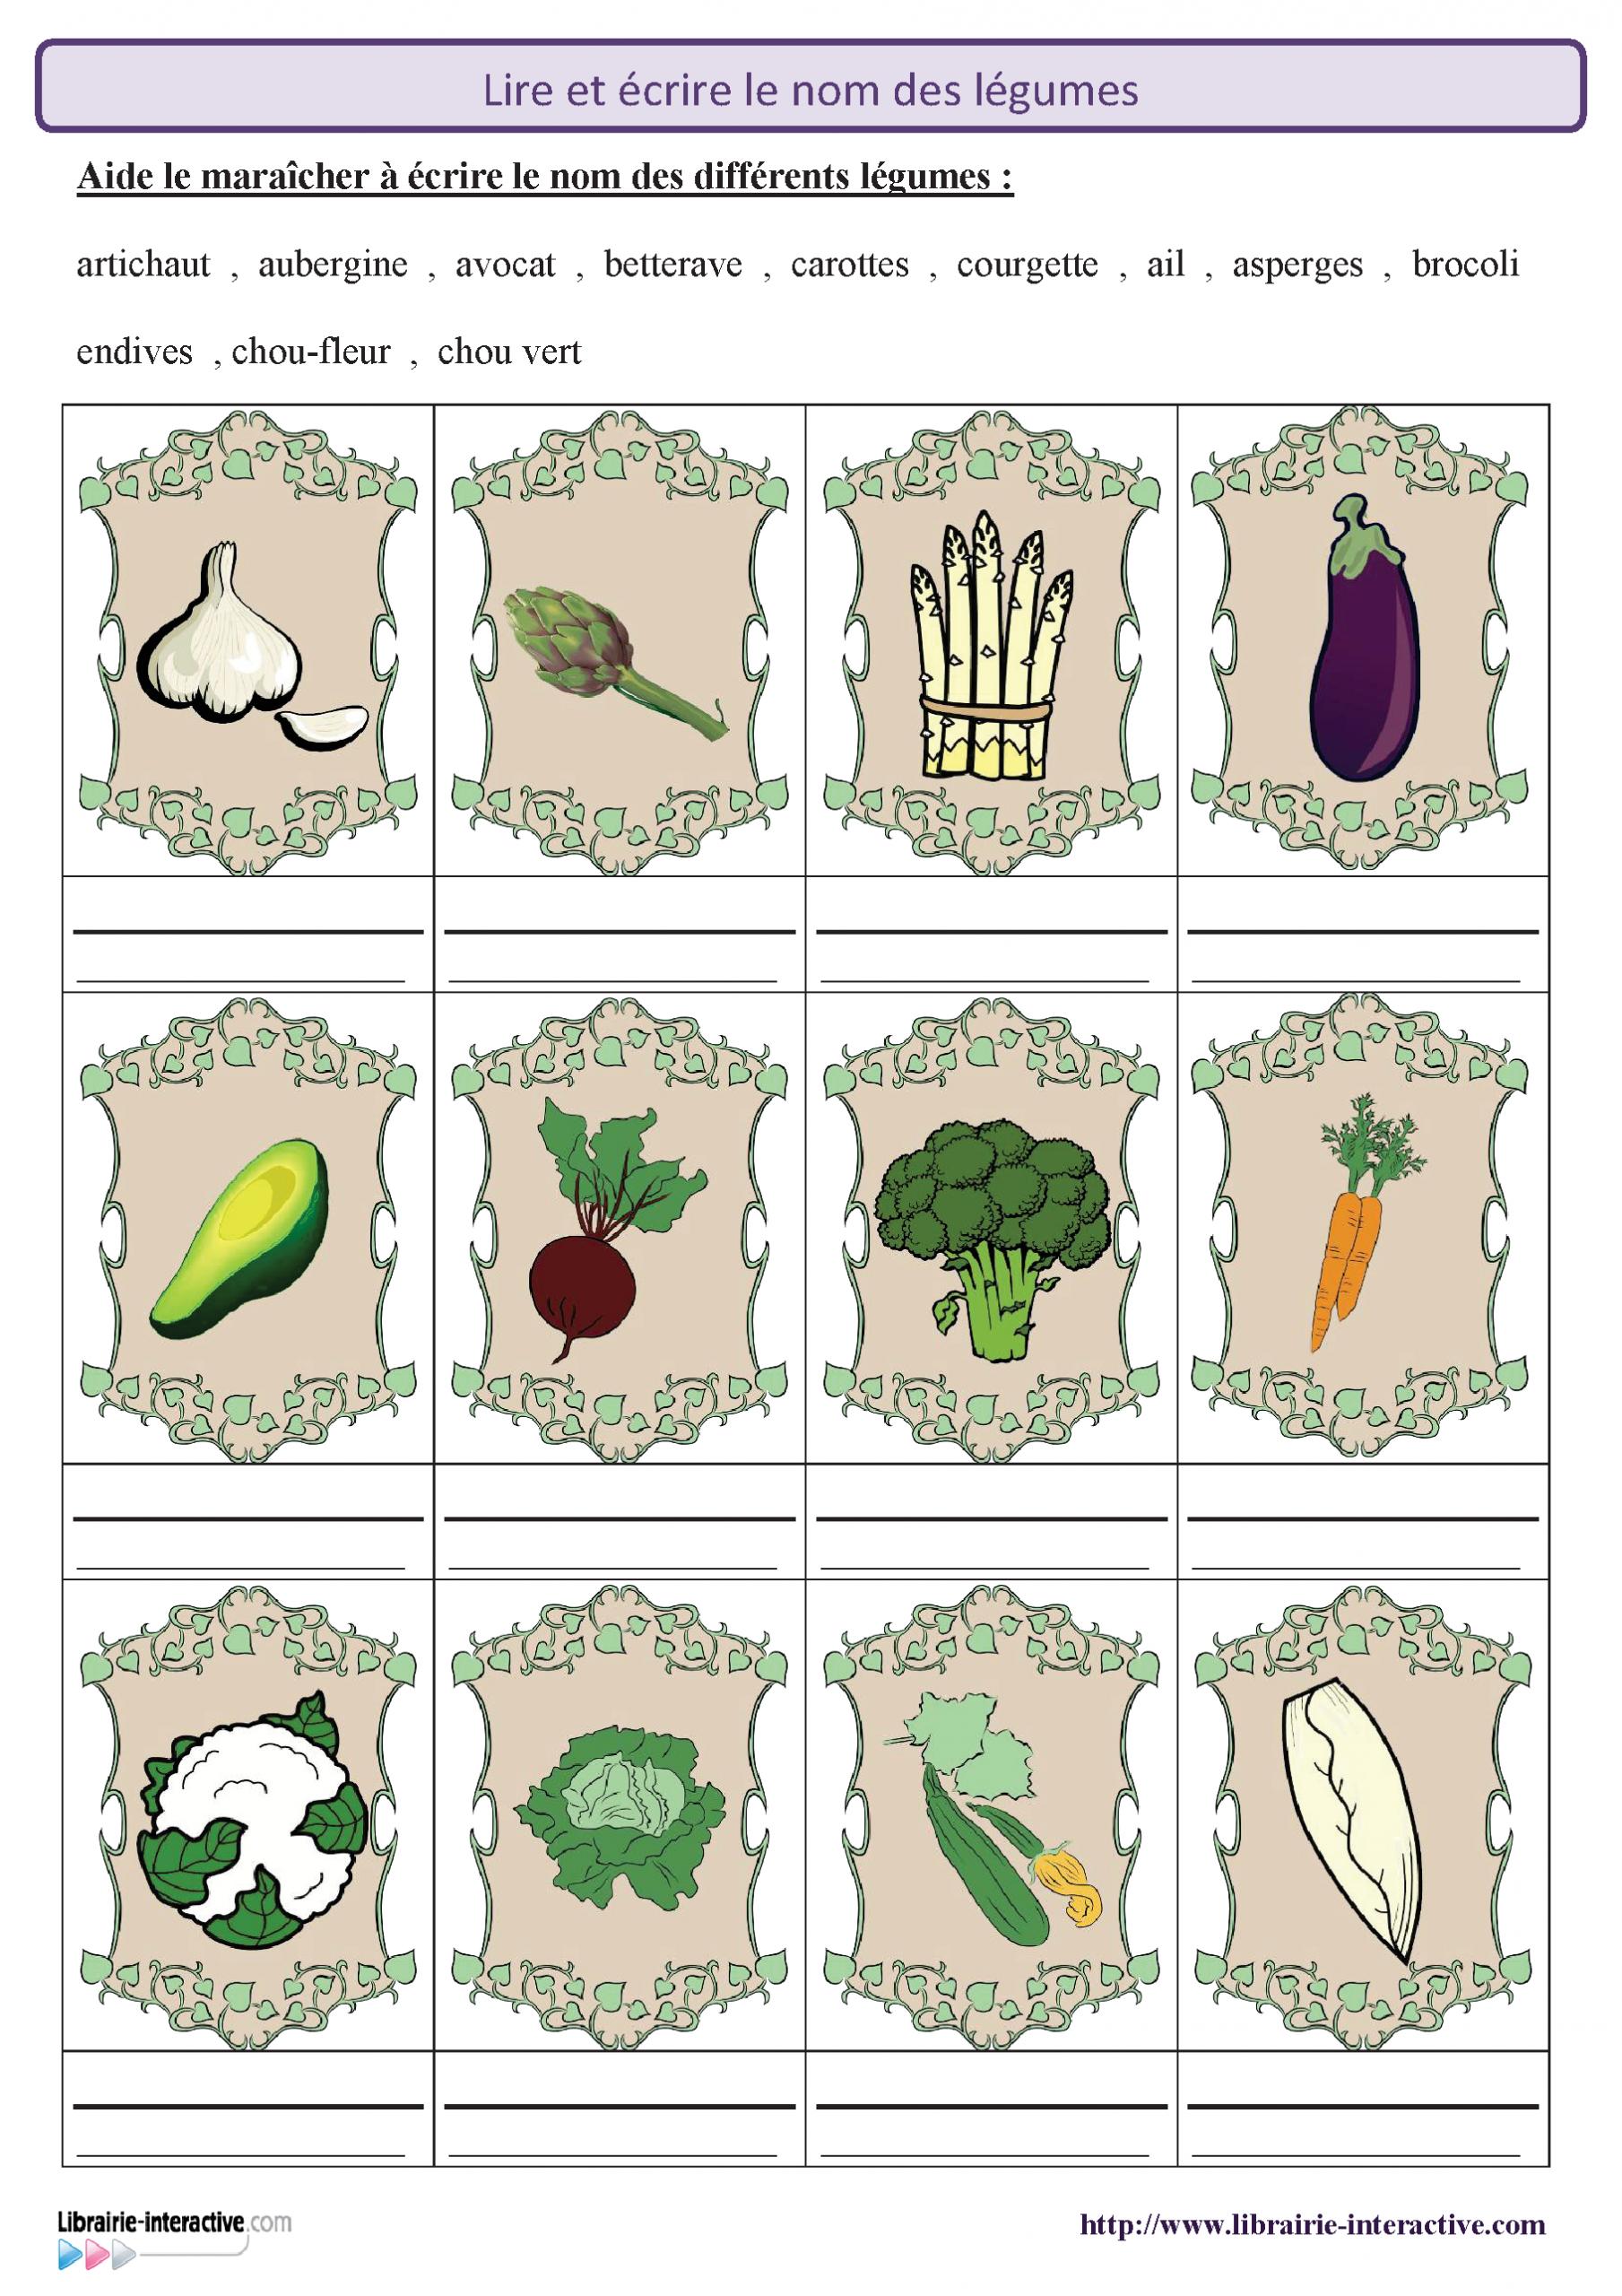 2 Fiches Pour Découvrir Et Reconnaître Les Légumes Puis concernant Nom De Legume